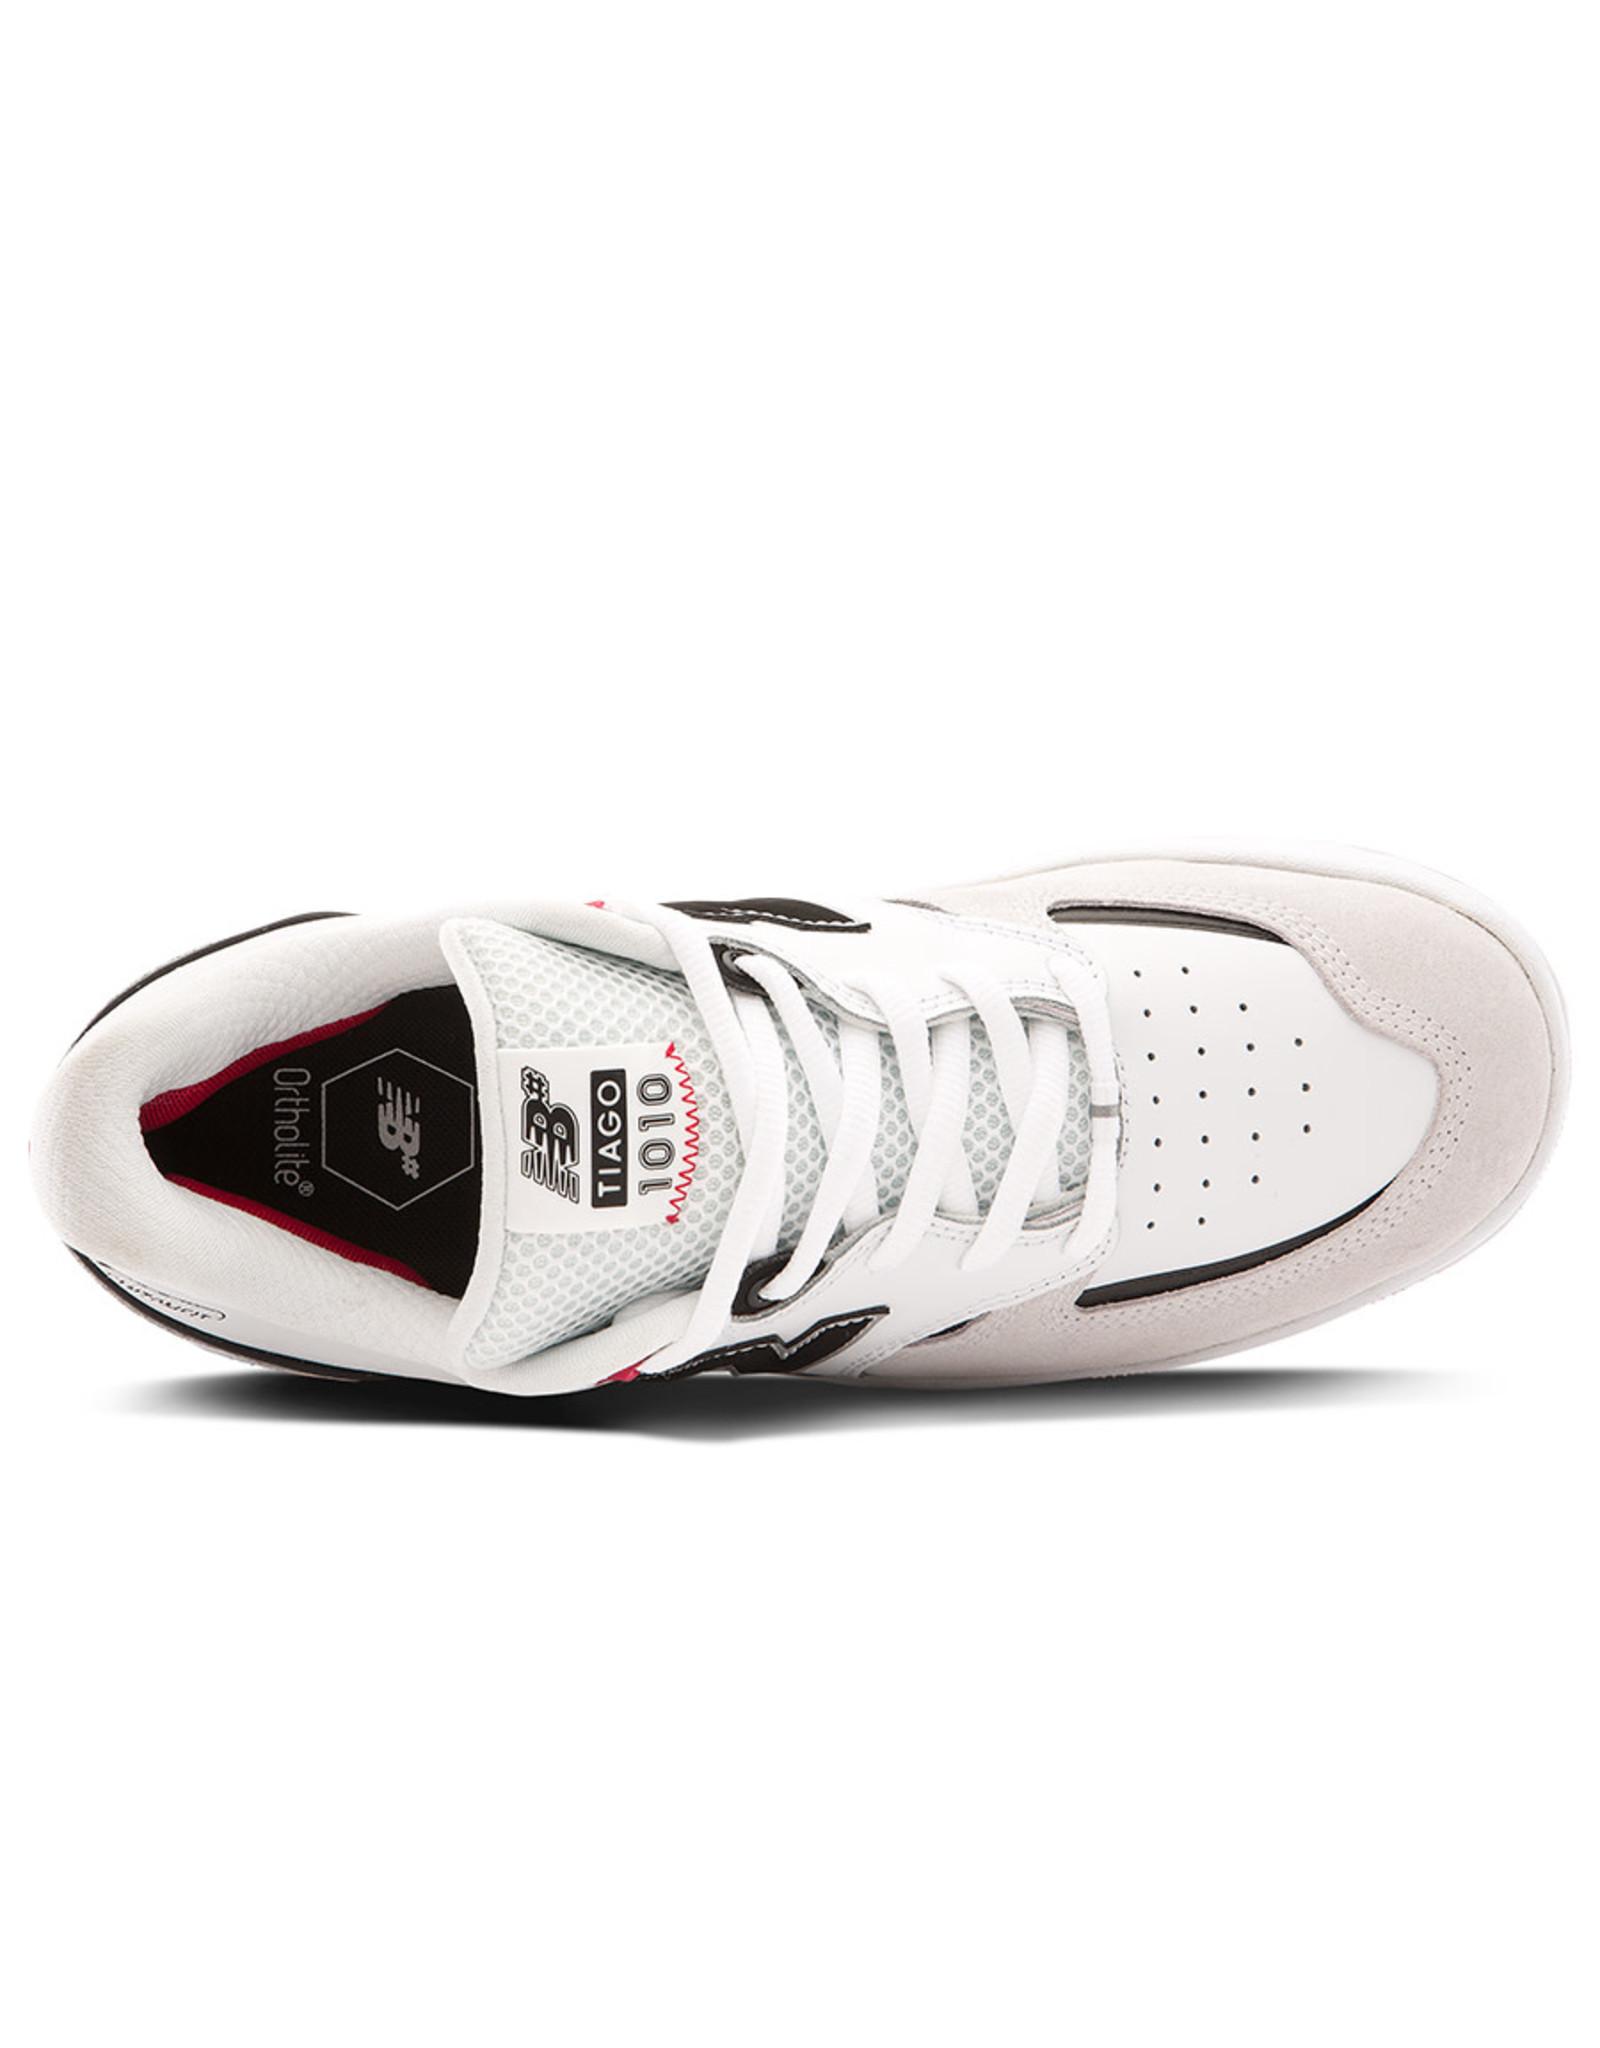 New Balance Numeric New Balance Numeric Shoe 1010 Tiago Lemos (White/Black)